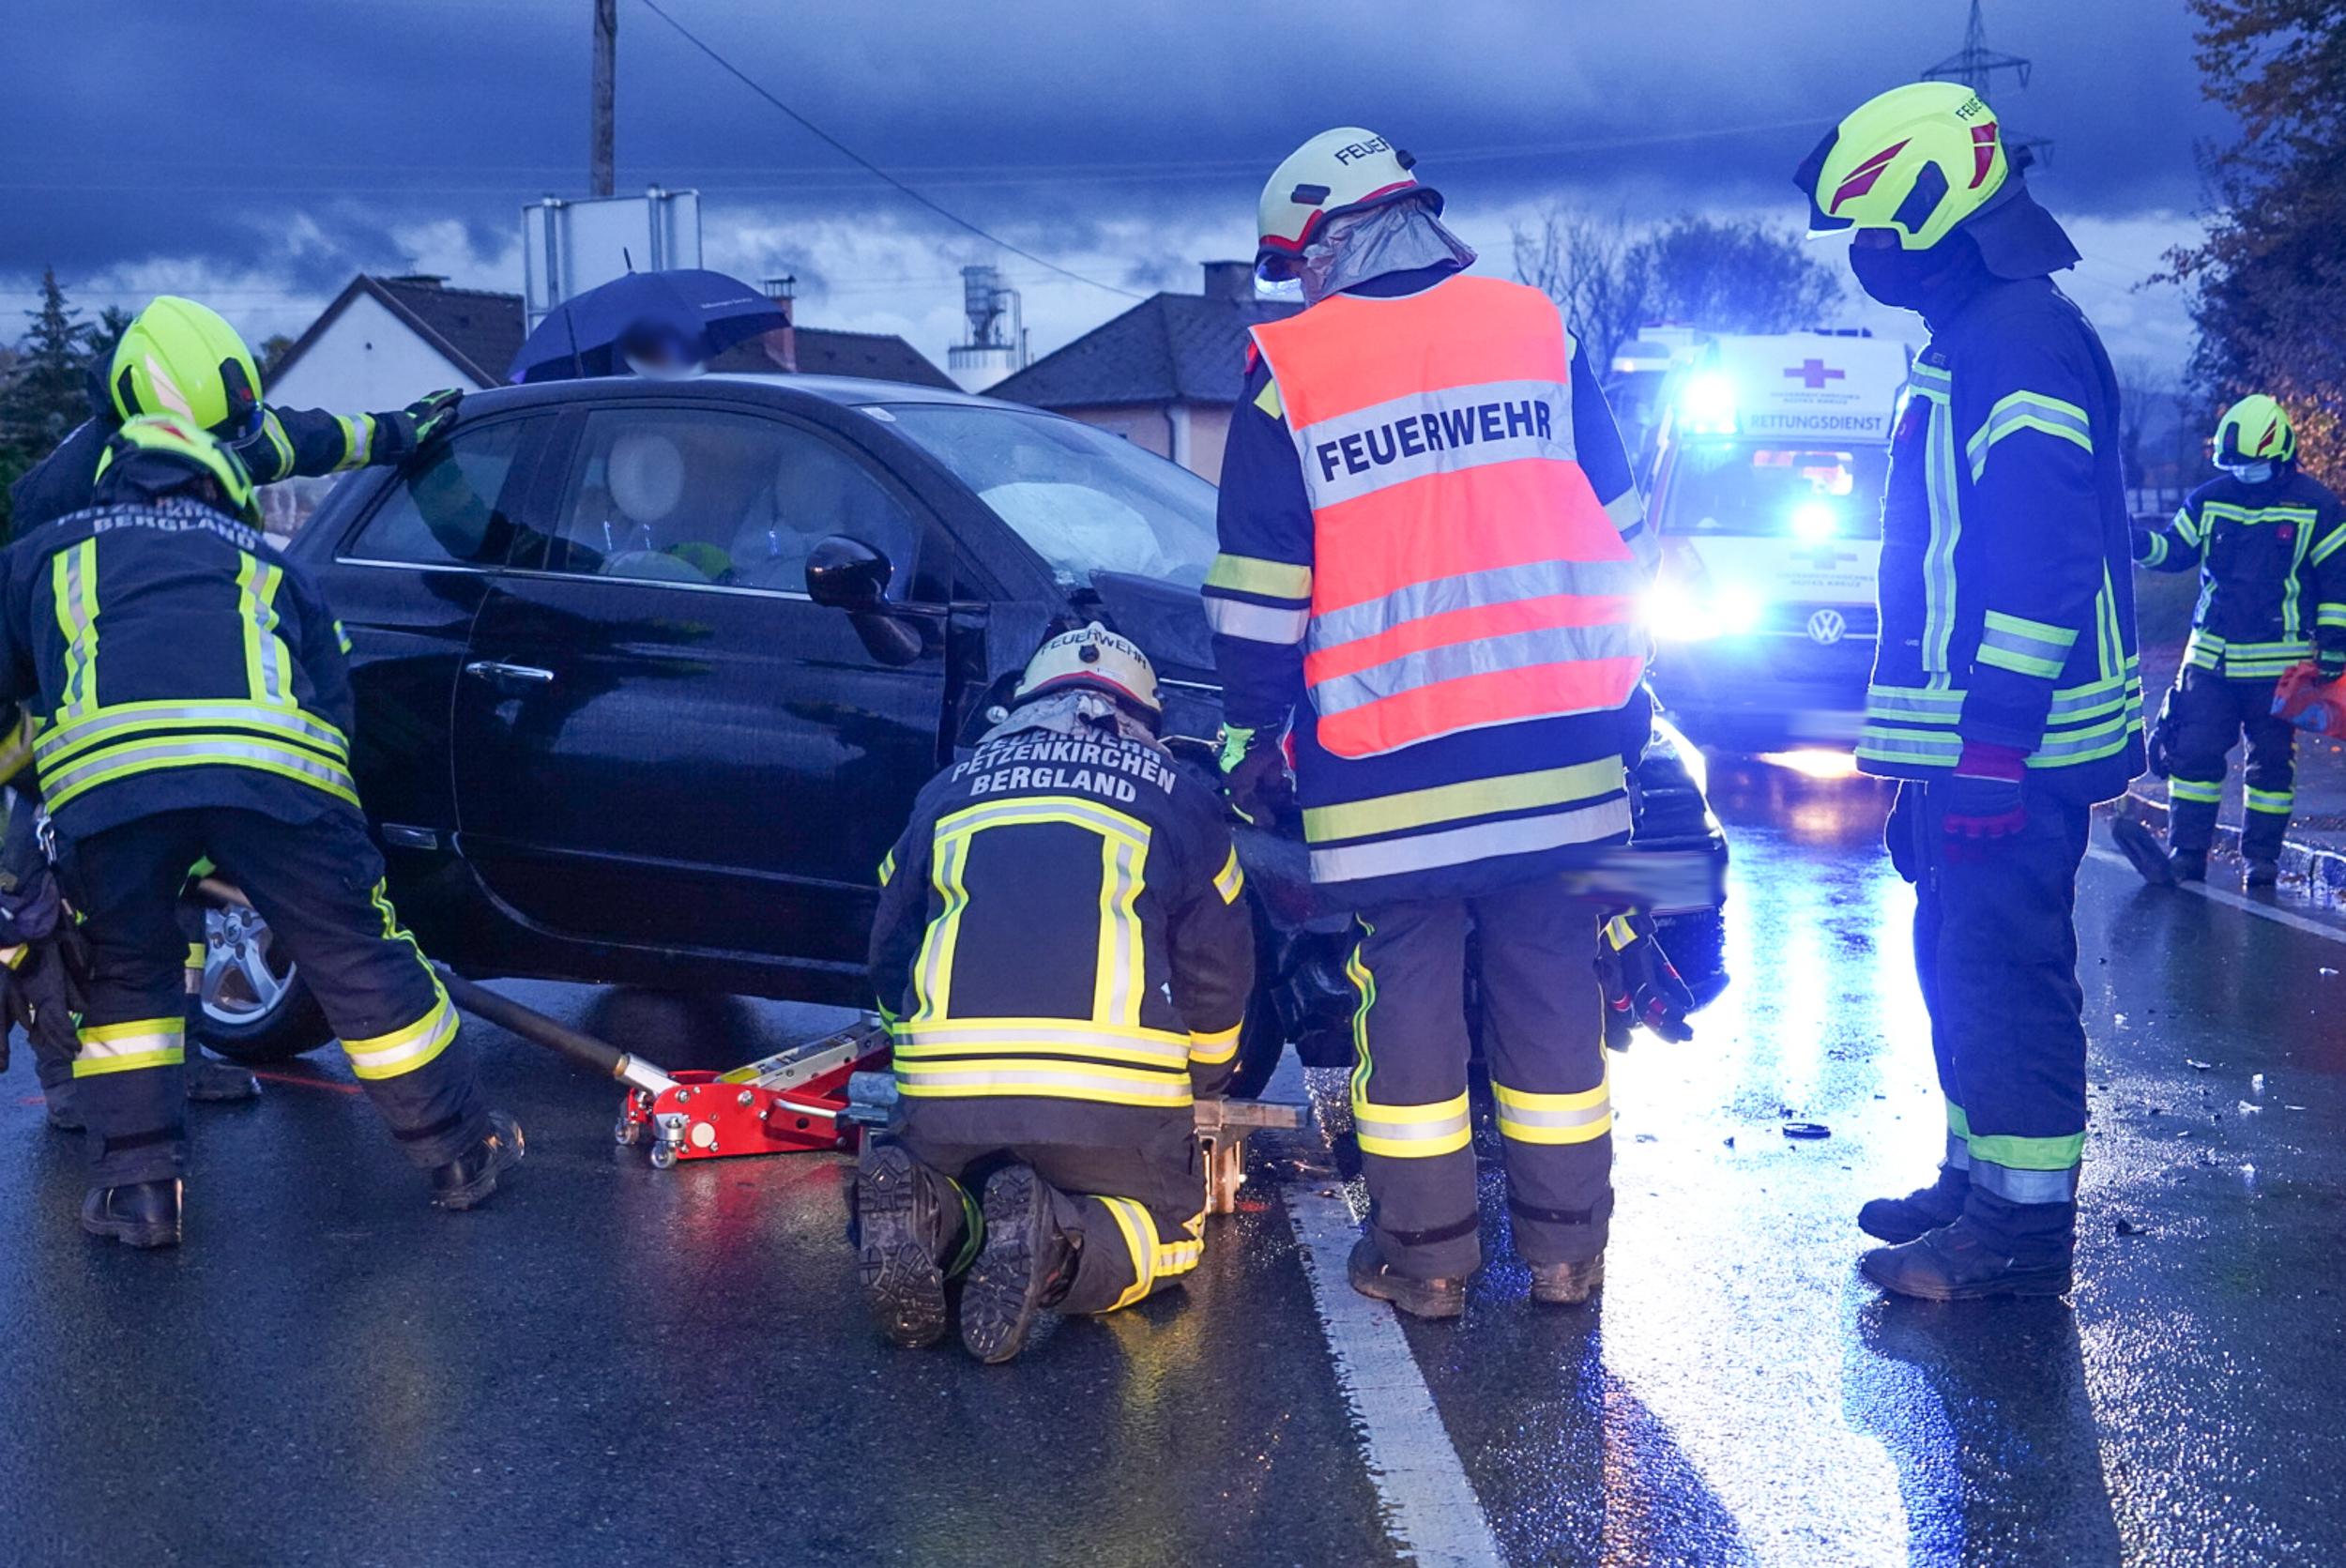 Verkehrsunfall in der Annenheimkurve L96